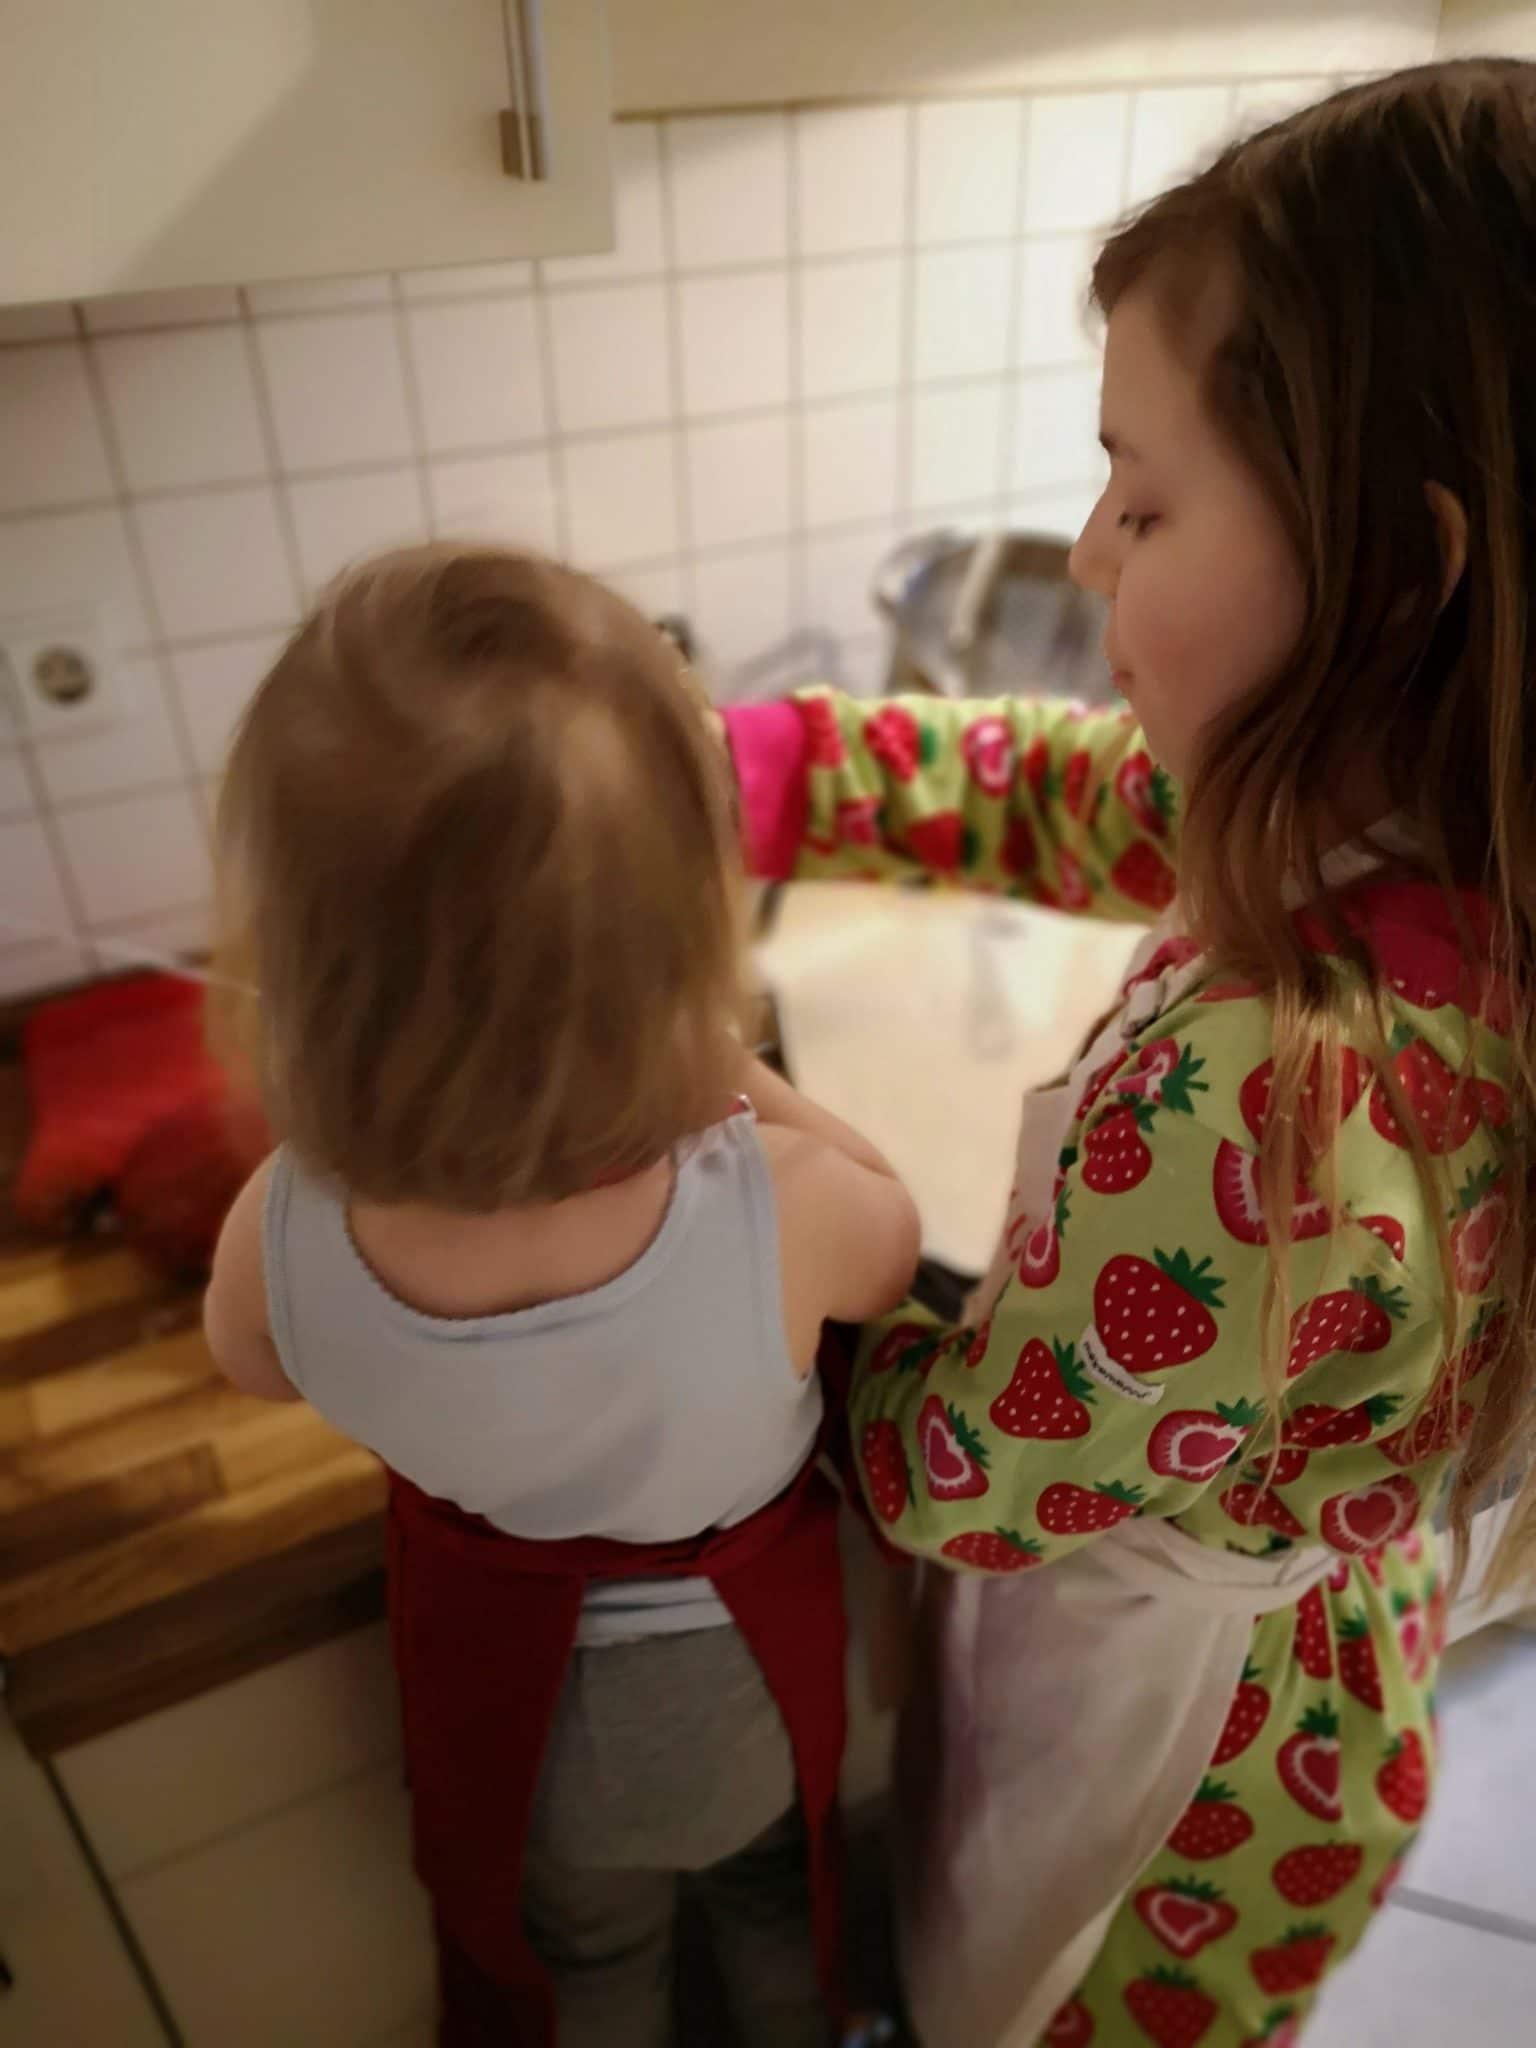 Mamablogger_Alltag_Berlin_grossekoepfe.de